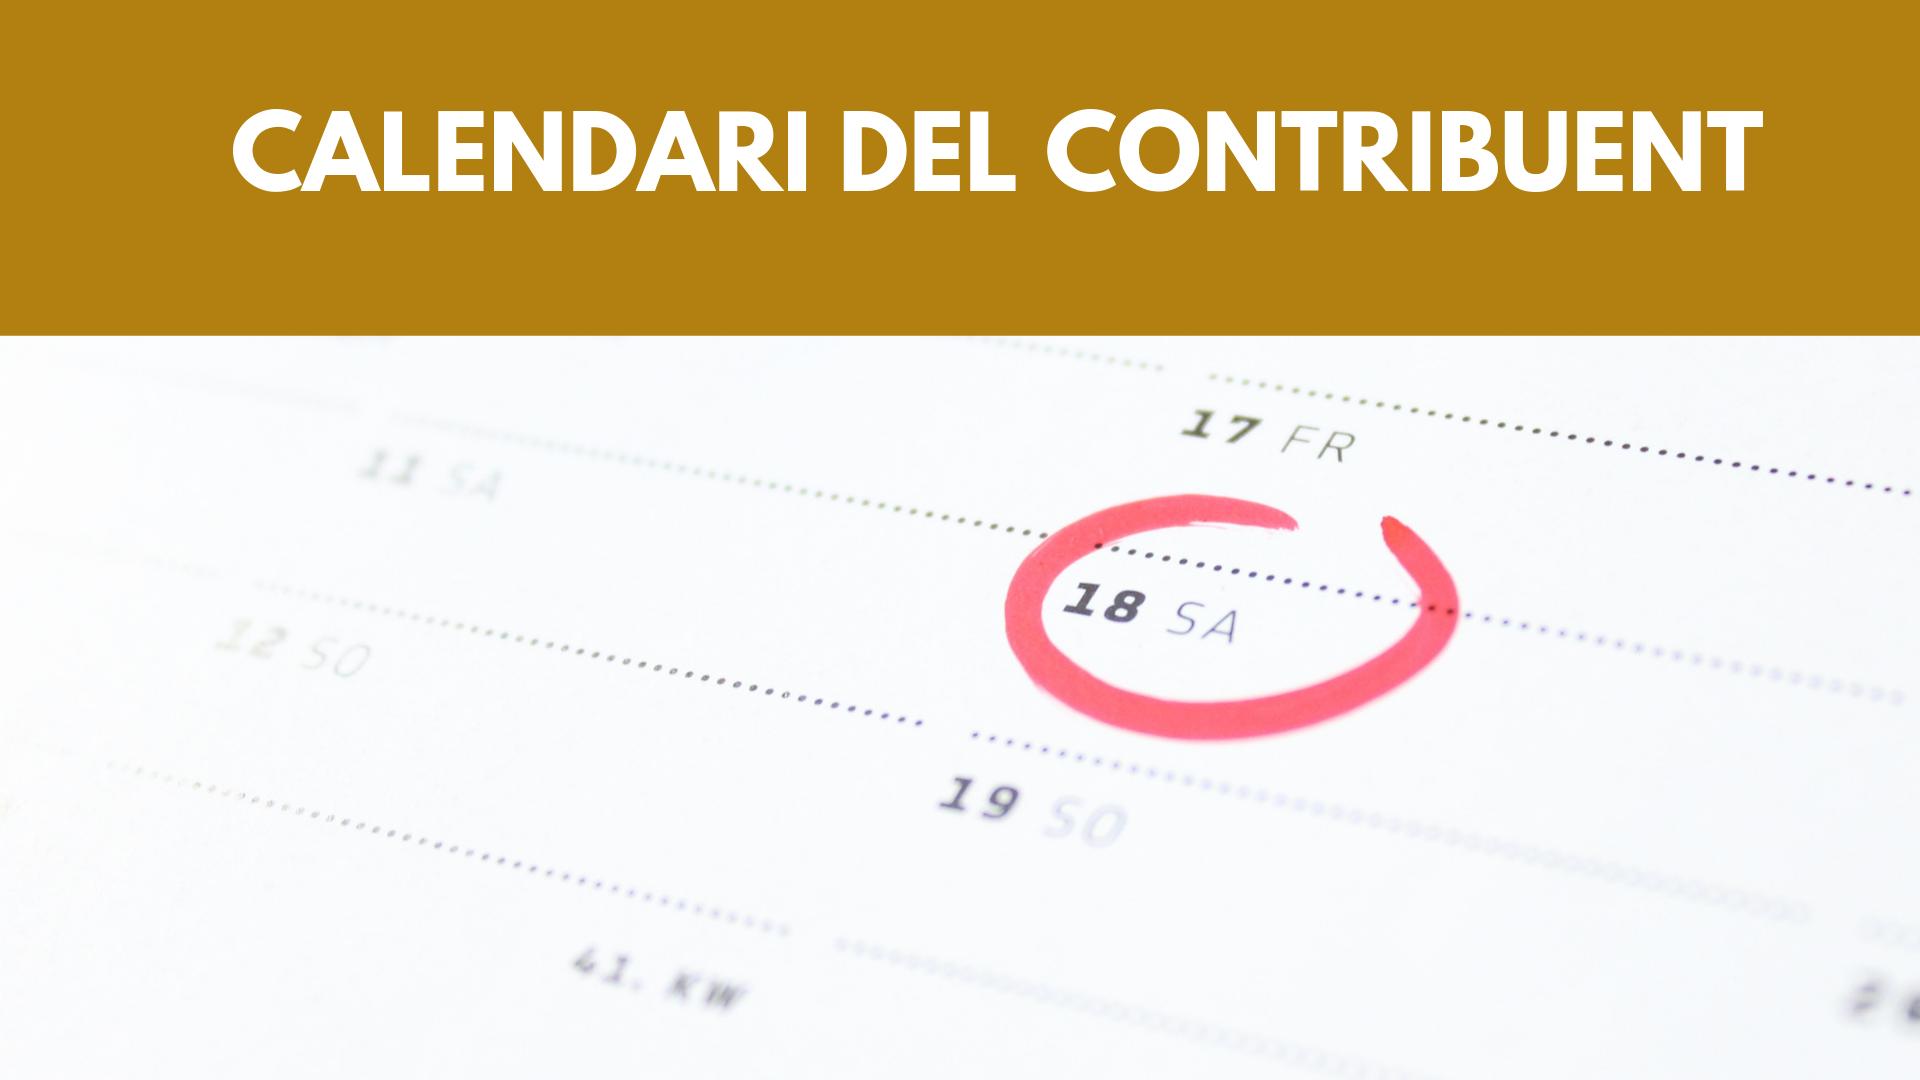 Consulta el calendari del contribuent